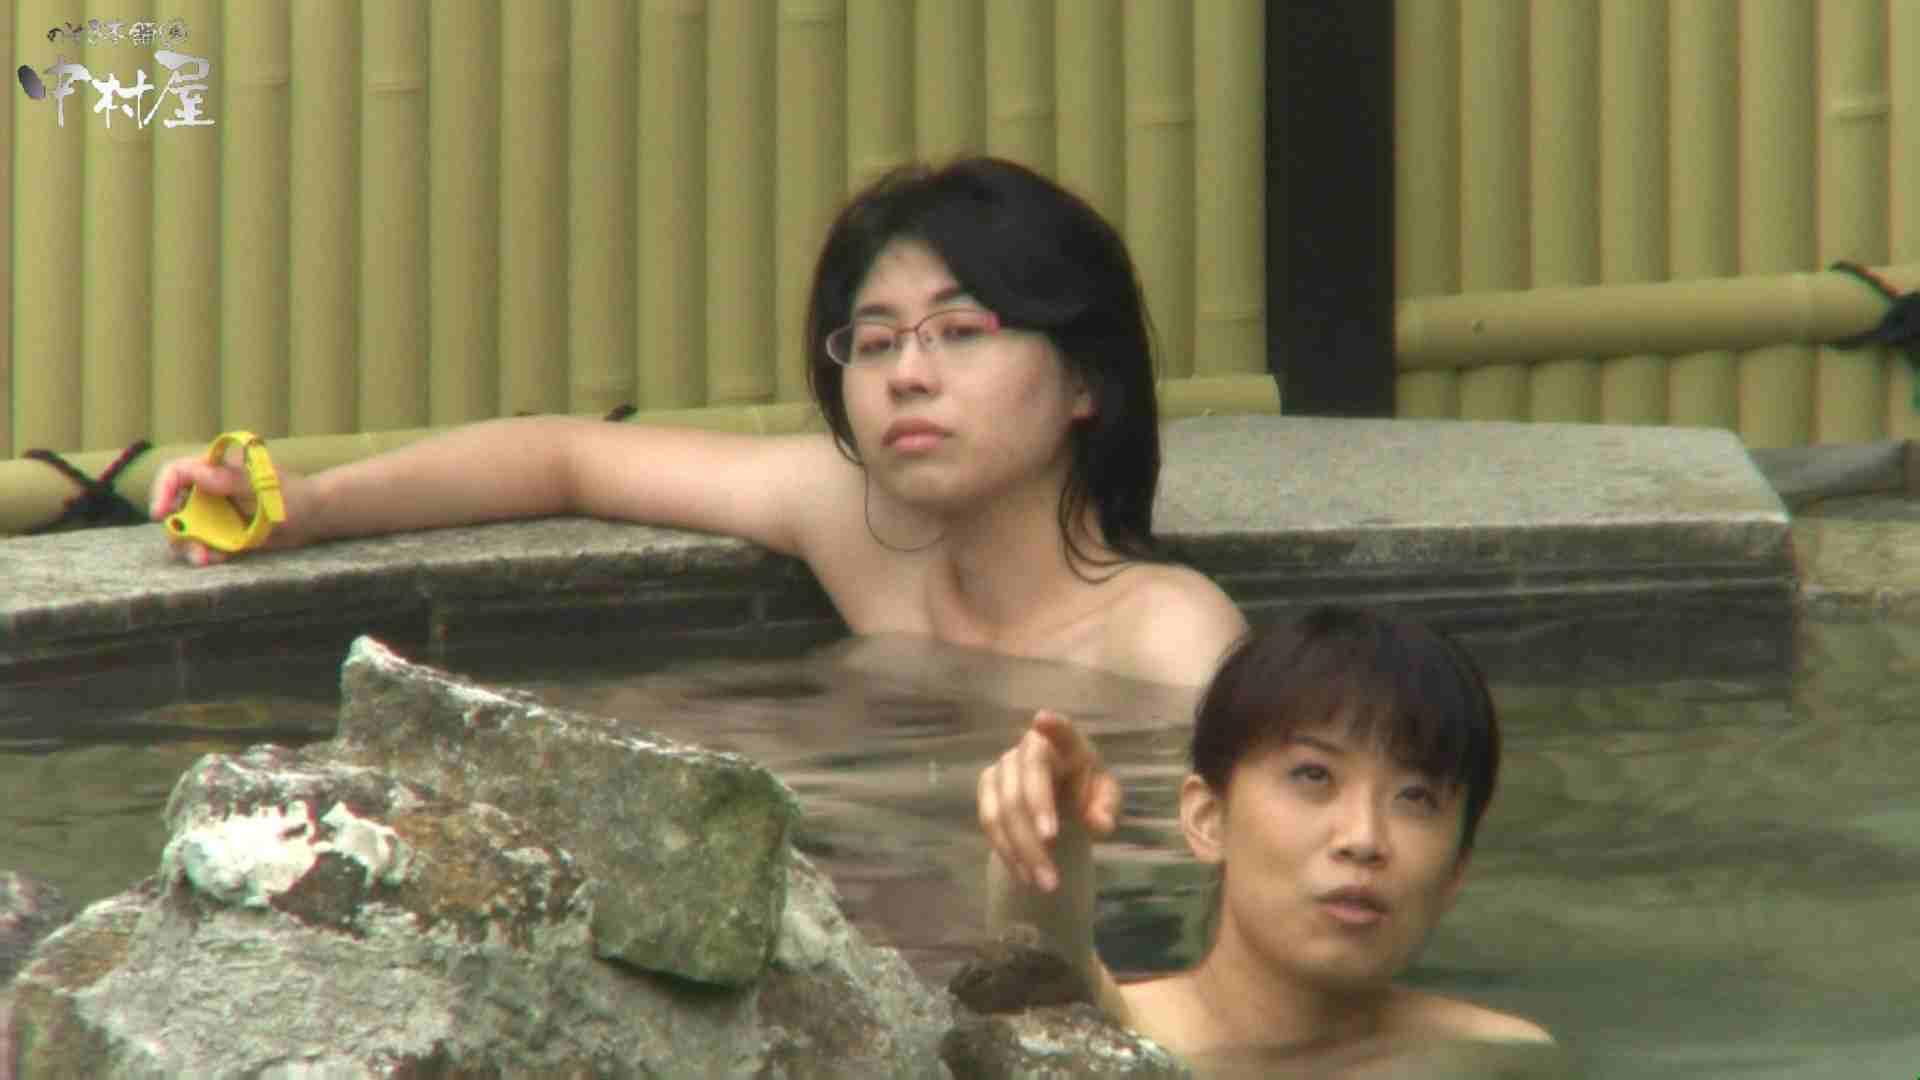 Aquaな露天風呂Vol.947 OLハメ撮り  61Pix 46